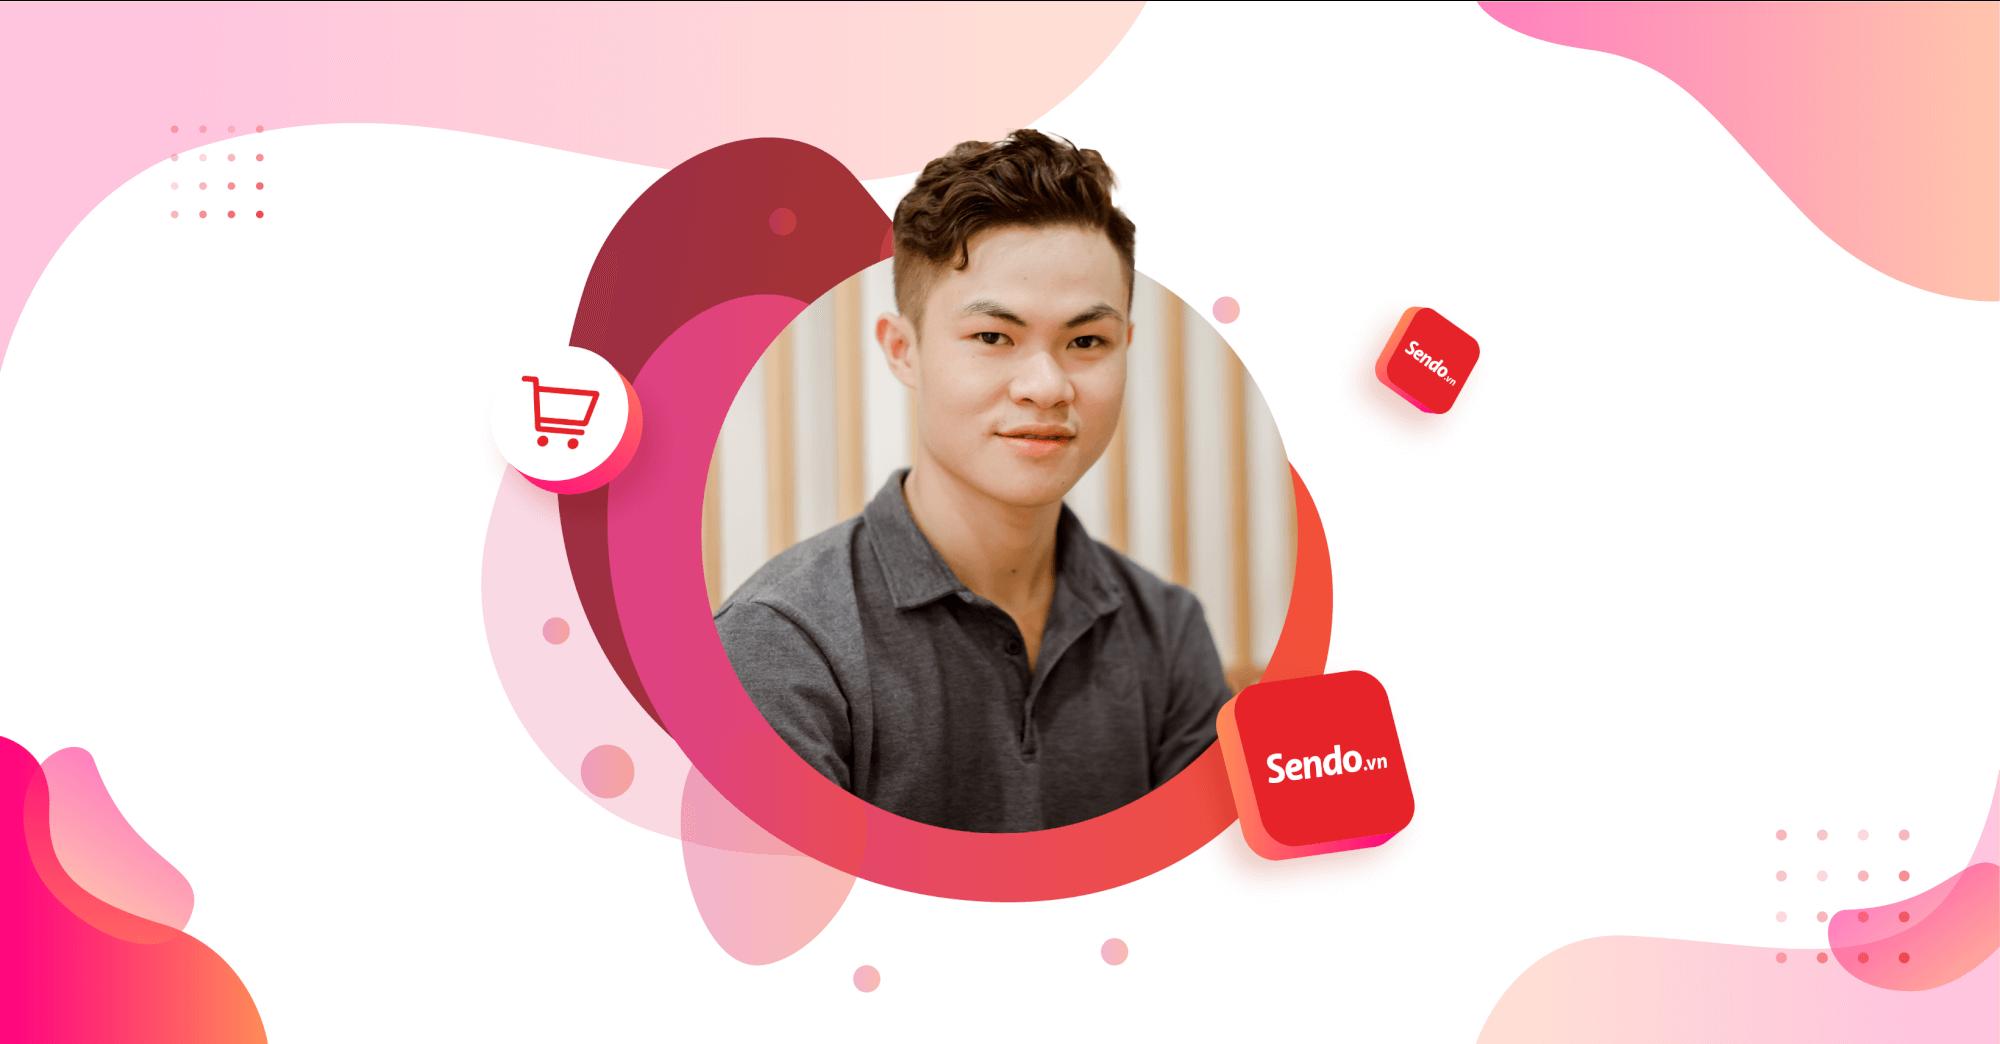 Khóa học kinh doanh Sendo: Tạo ra nhiều đơn hàng, mang về đơn hàng đều đặn hàng ngày với sàn thương mại điện tử Sen Đỏ đang phát triển mạnh mẽ.